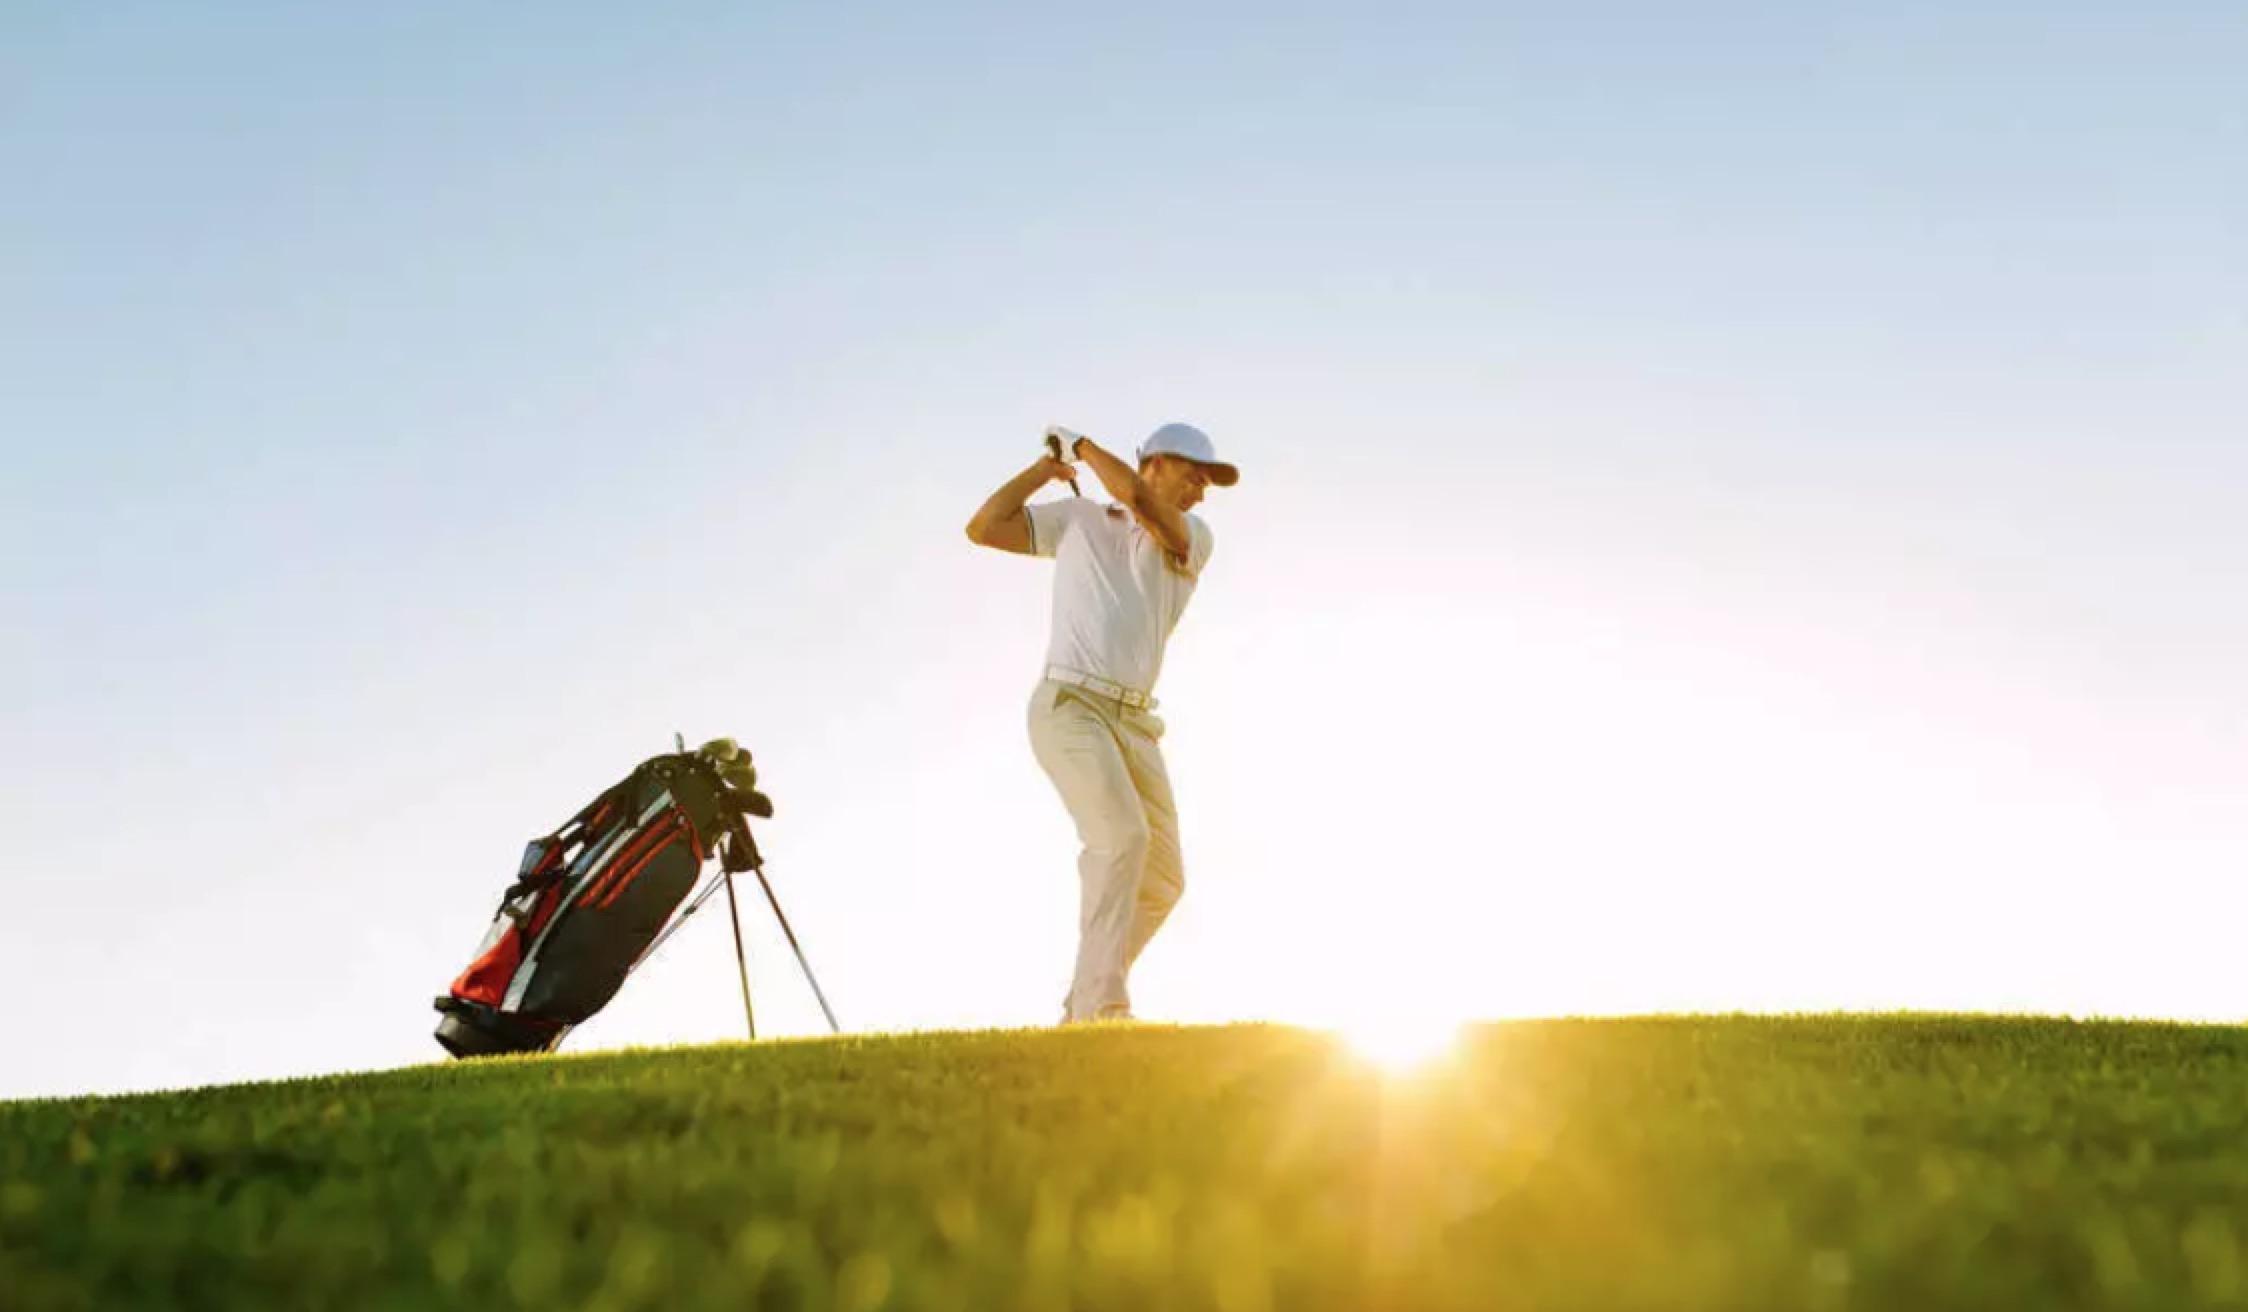 高尔夫修炼的三个阶段,你处于哪一个?